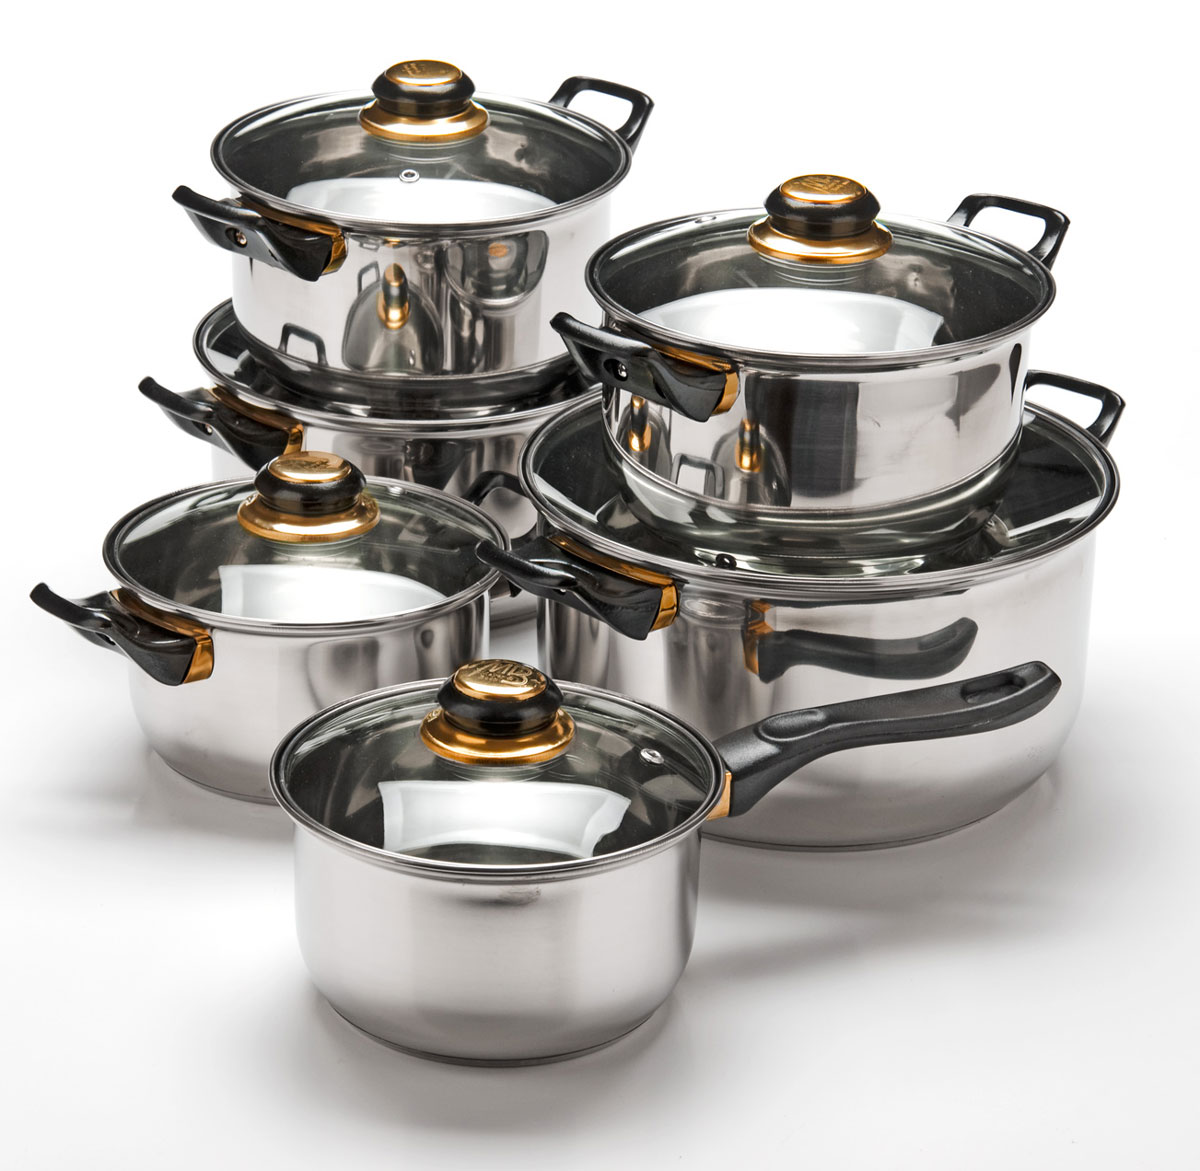 Набор посуды Mayer & Boch, 12 предметов. 2575025750Набор посуды станет отличным дополнением к набору кухонной утвари. С его приобретением приготовление ваших любимых блюд перейдет на качественно новый уровень и вы сможете воплотить в жизнь любые кулинарные идеи. В комплект входят 12 предметов: сотейник (объем 1,4 л), 3 кастрюли (объем 1,4, 2,9, 4,9 л) и 2 кастрюли ( объем 2 л), 6 крышек. Набор многофункционален и удобен в использовании, подойдет для варки супов, приготовления блюд из мяса и рыбы, гарниров, соусов т. д.